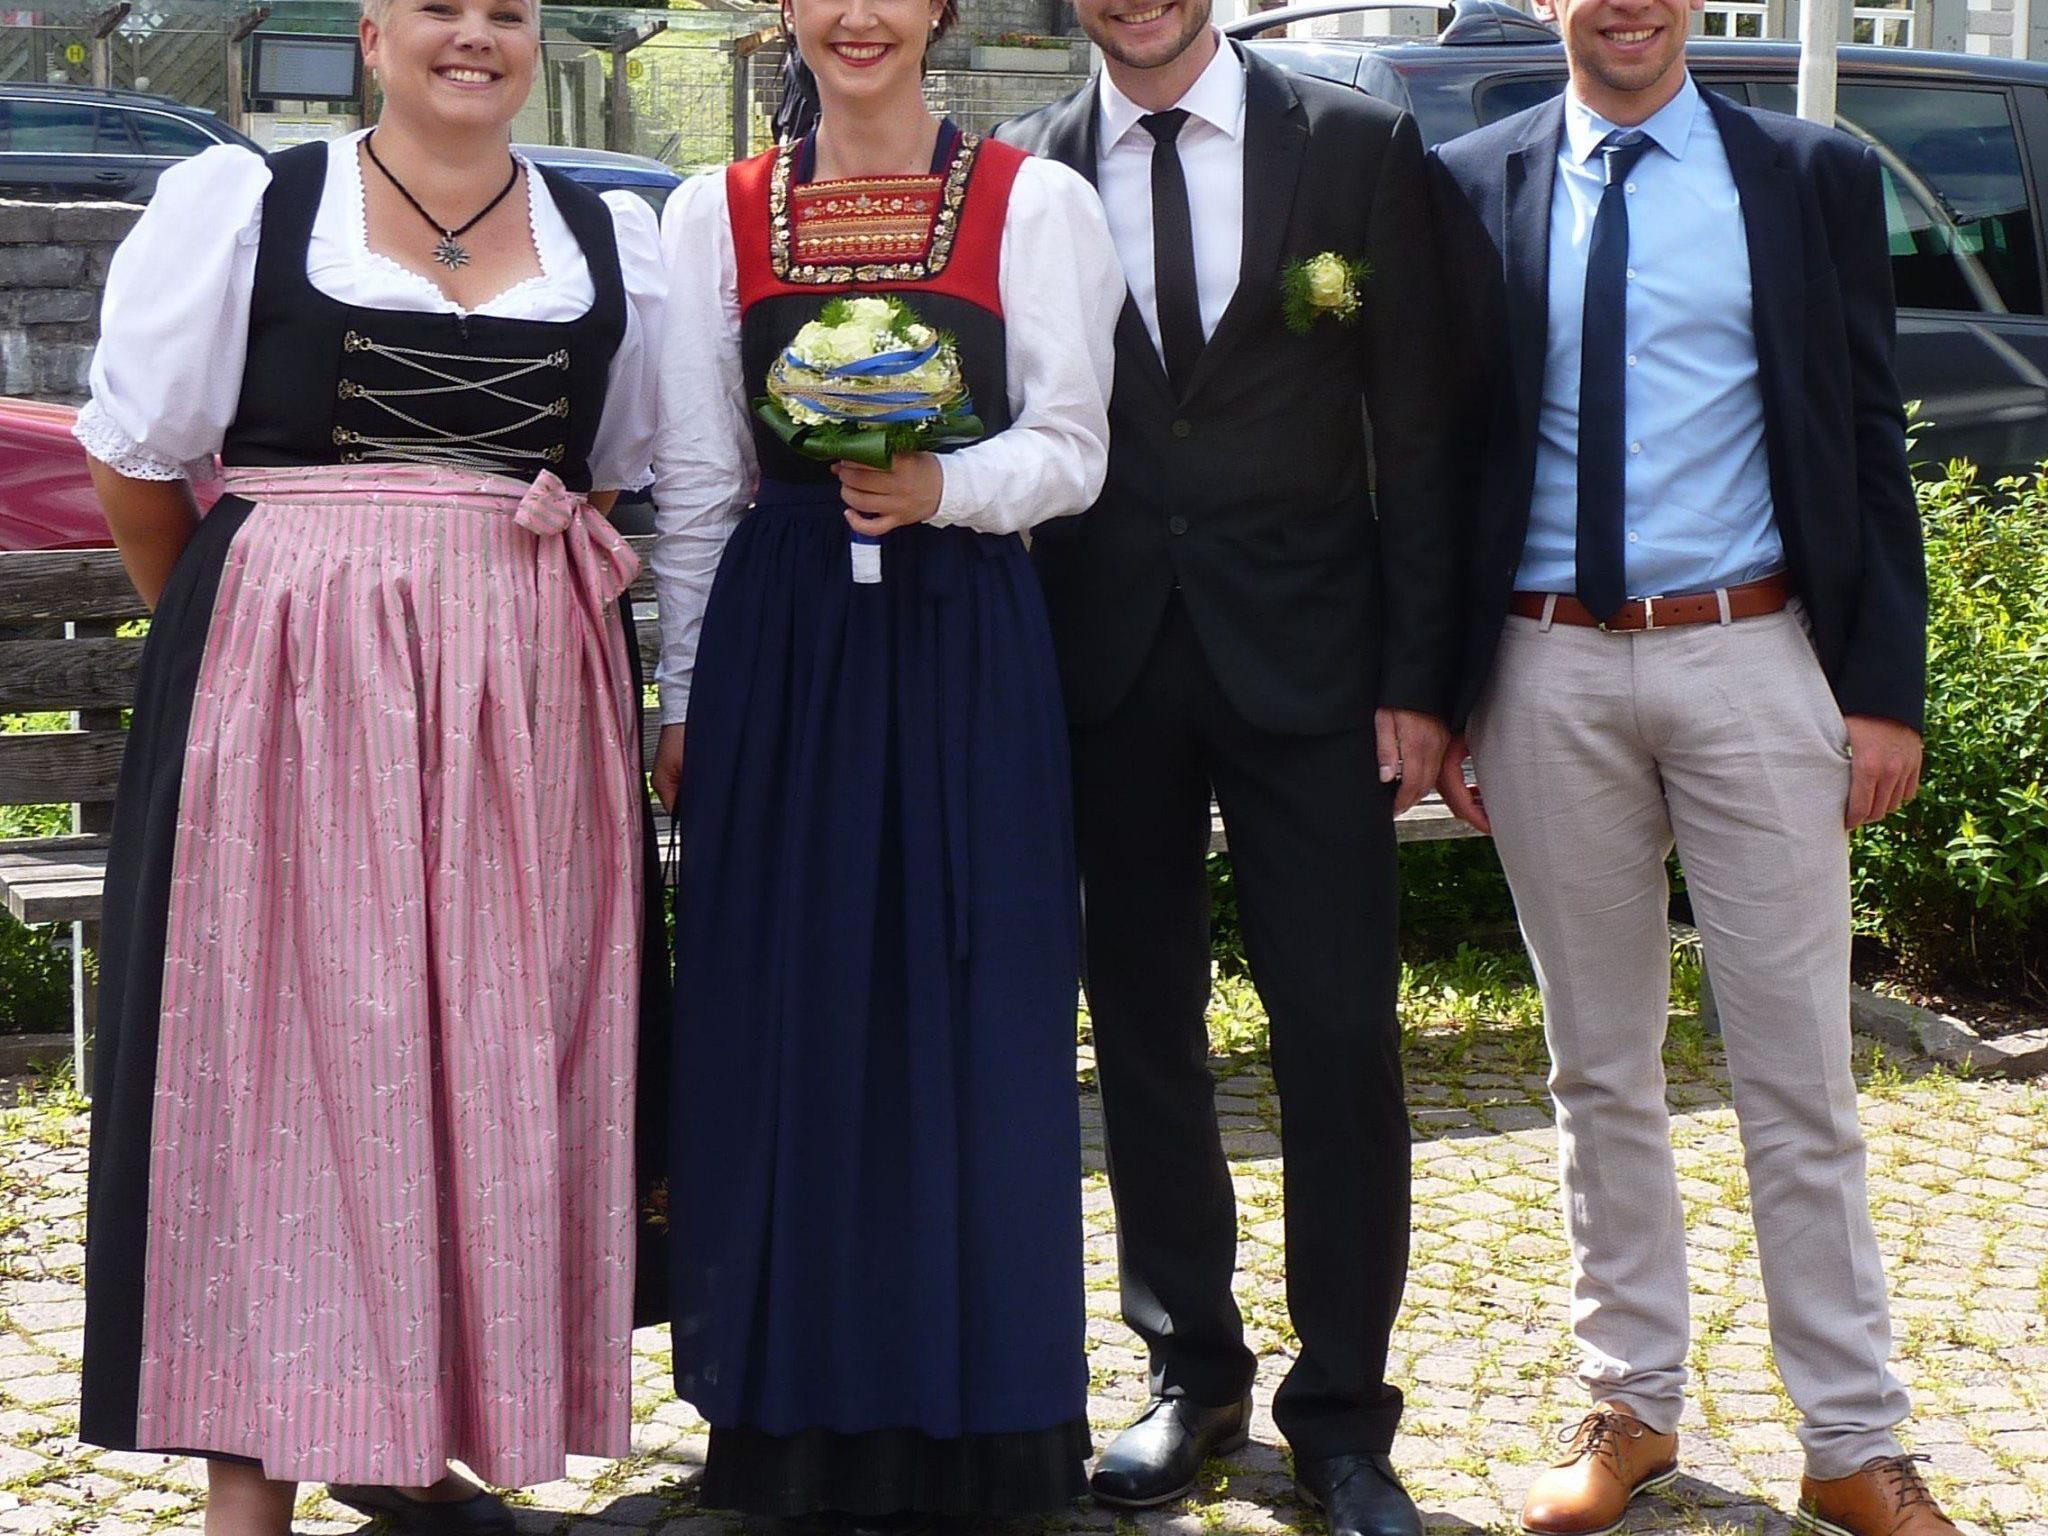 Melanie Moosbrugger und Rainer Hollenstein mit den Trauzeugen bei ihrer Hochzeit in Egg.